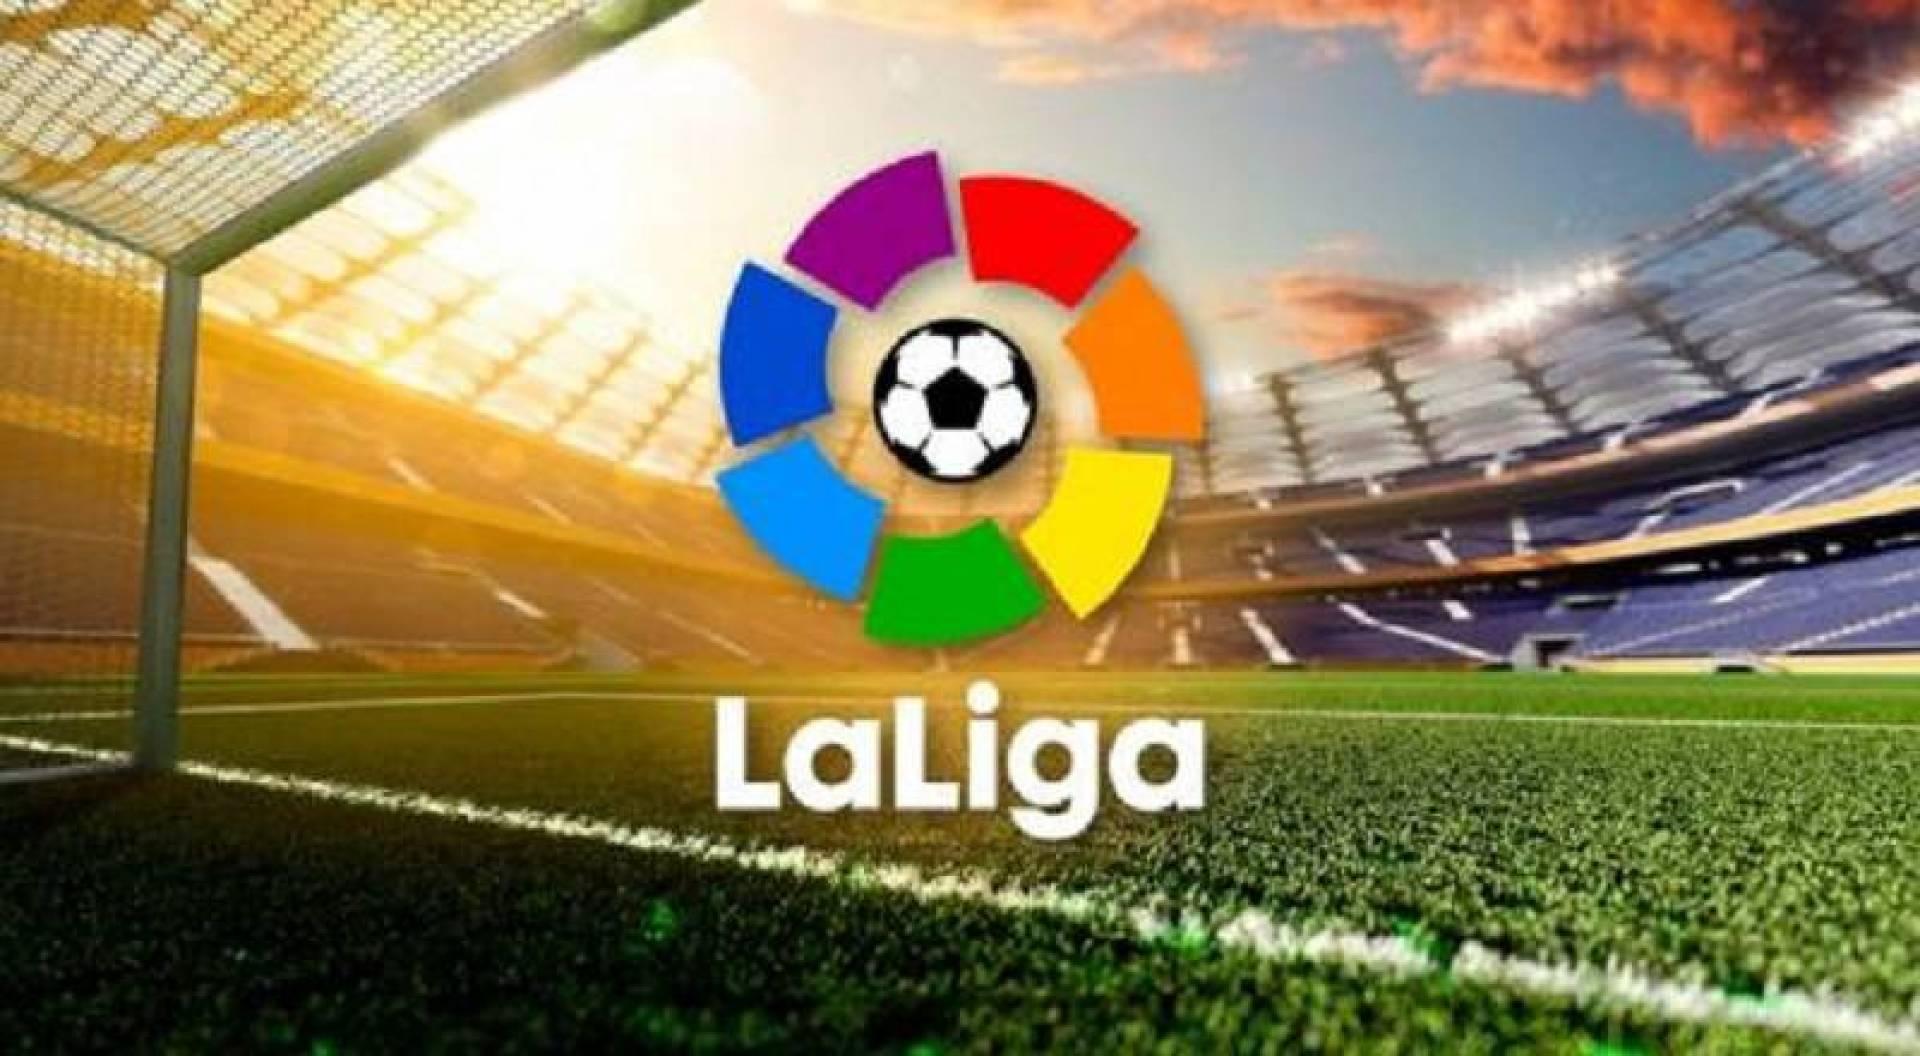 إسبانيا تعلن استئناف الدوري الإسباني لكرة القدم في 8 يونيو المقبل